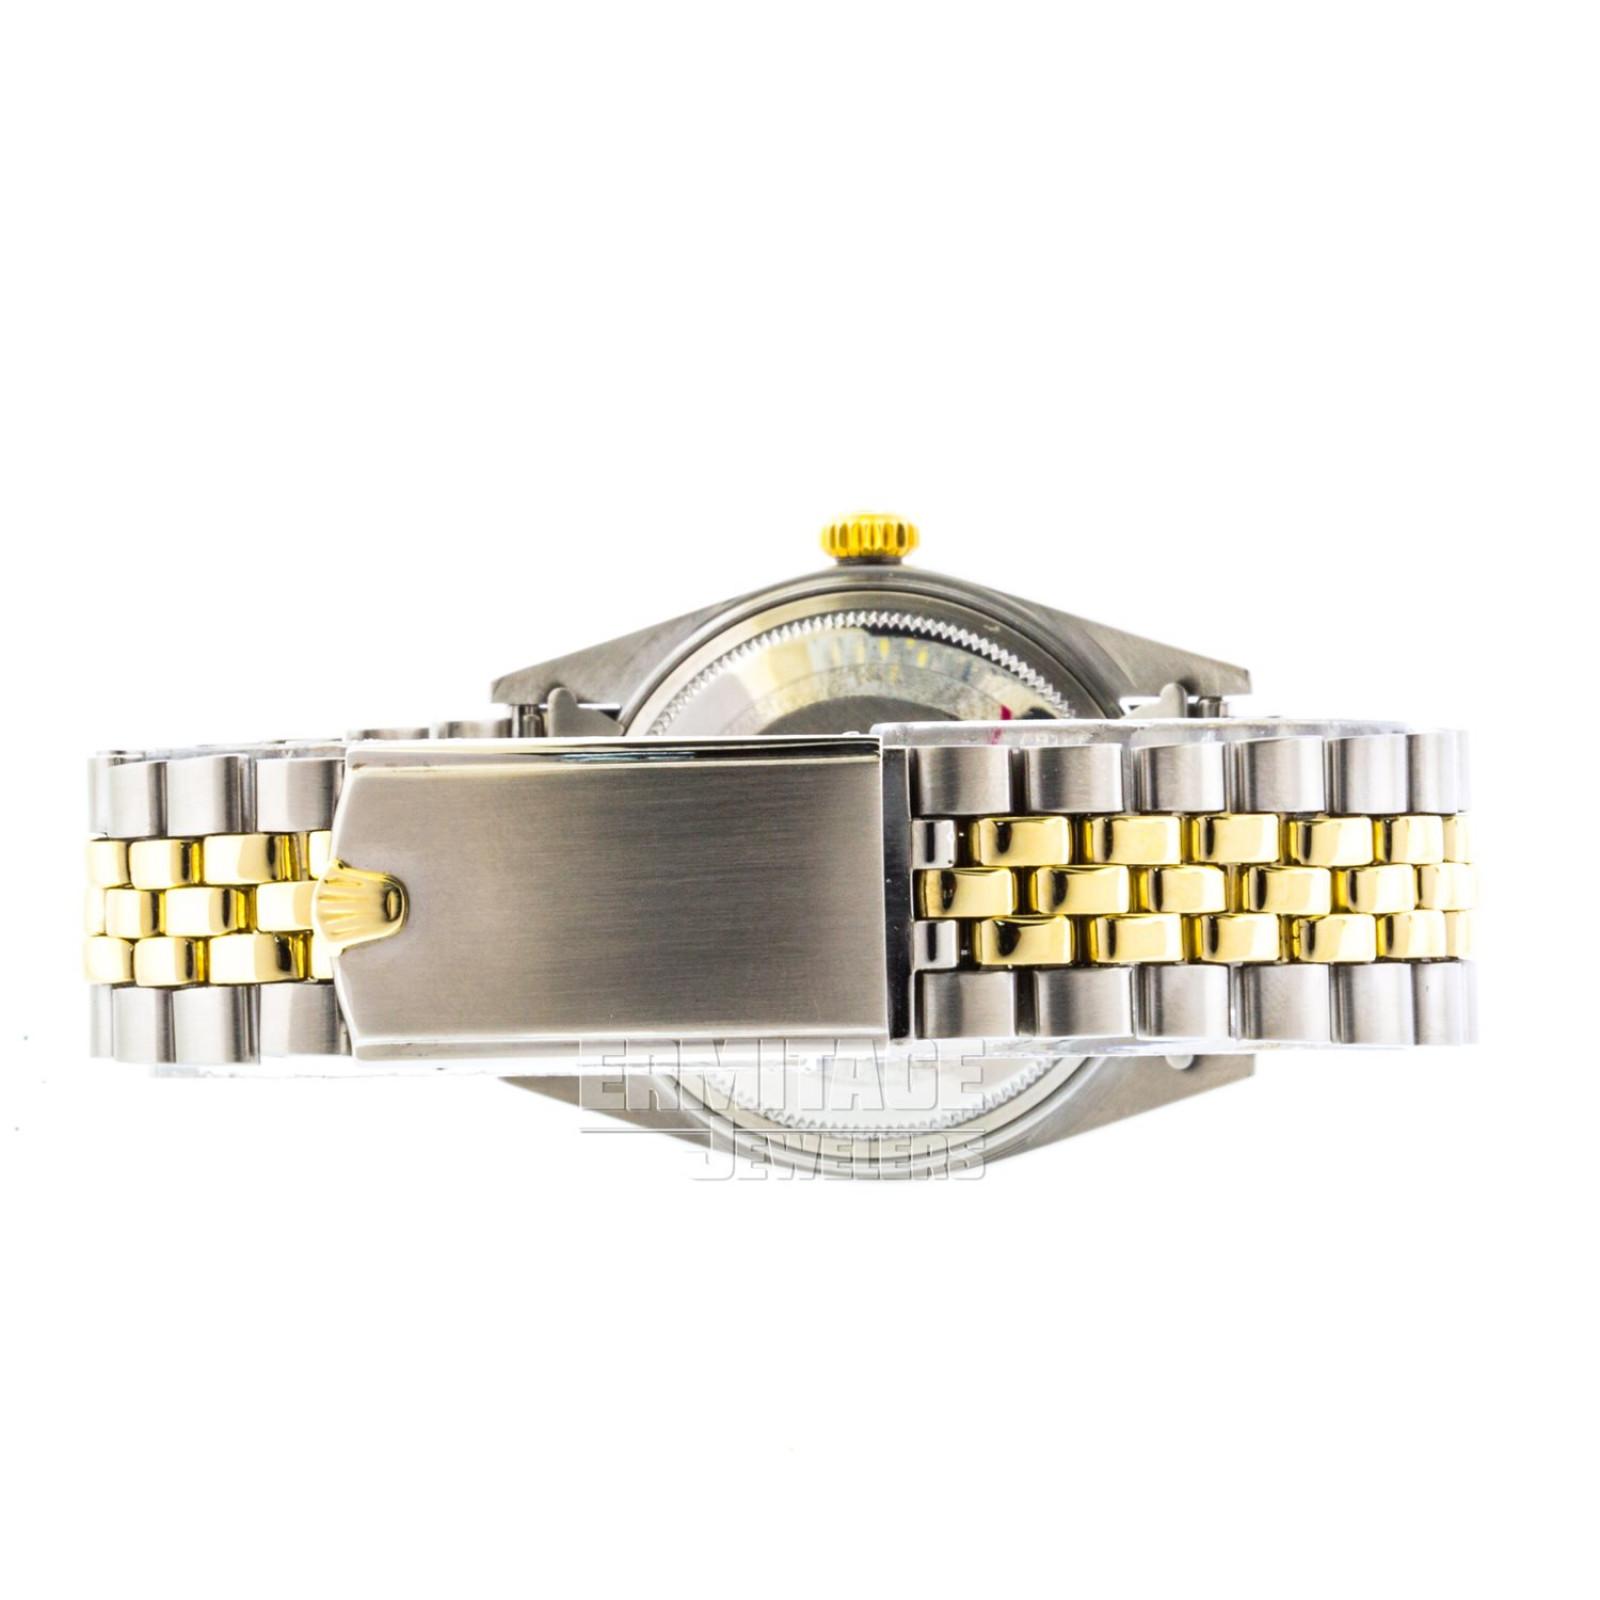 Steel on Jubilee Rolex Datejust 1601 36 mm